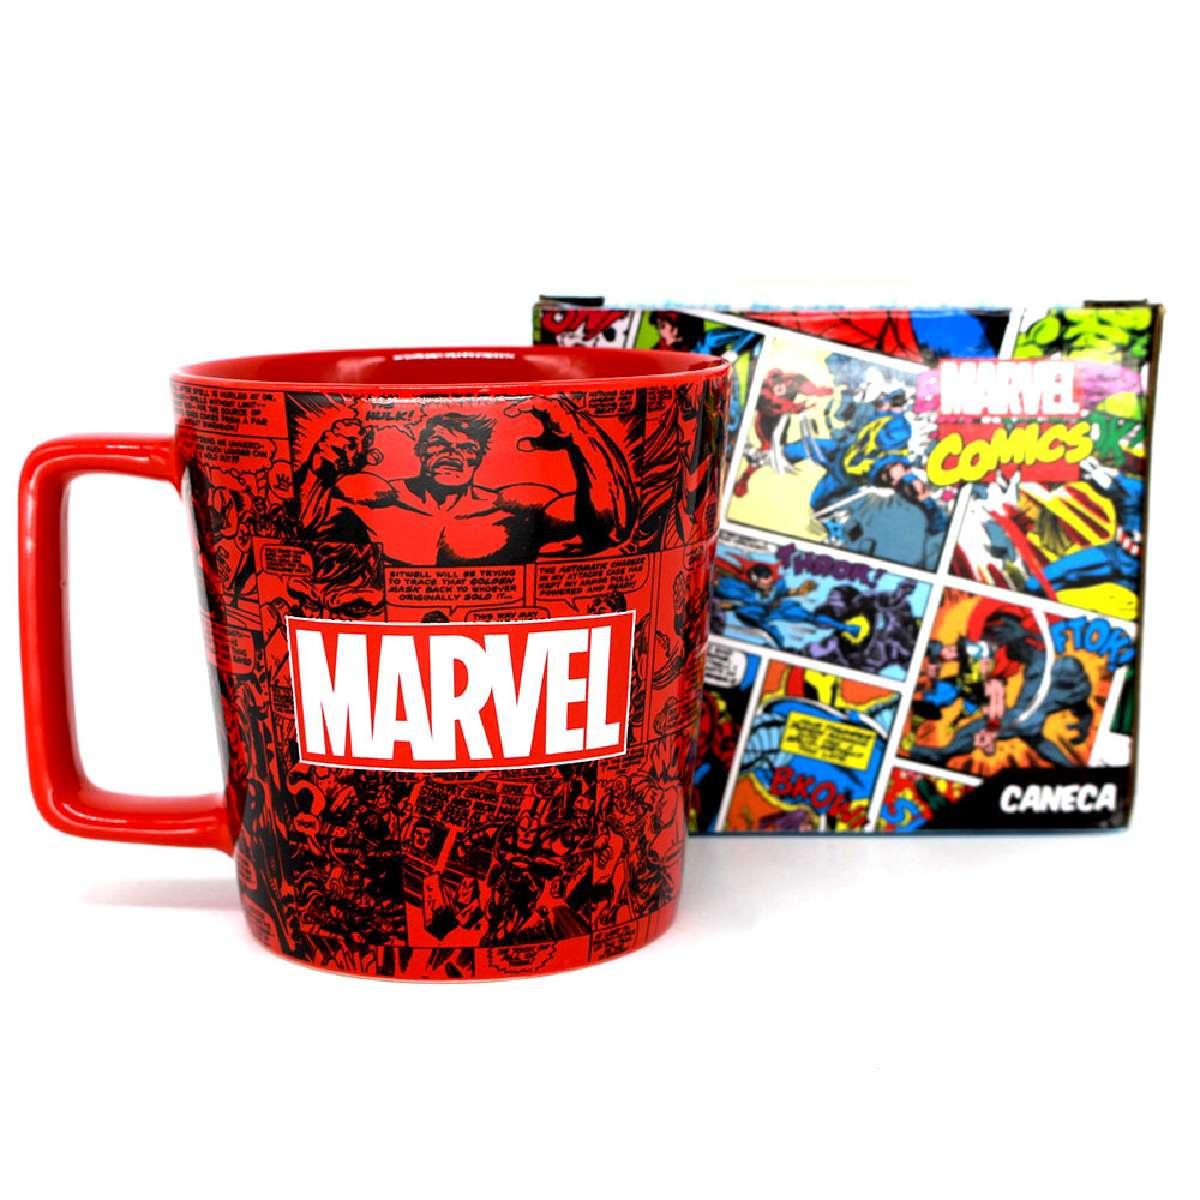 Caneca Heróis Marvel Classic Logo HQ